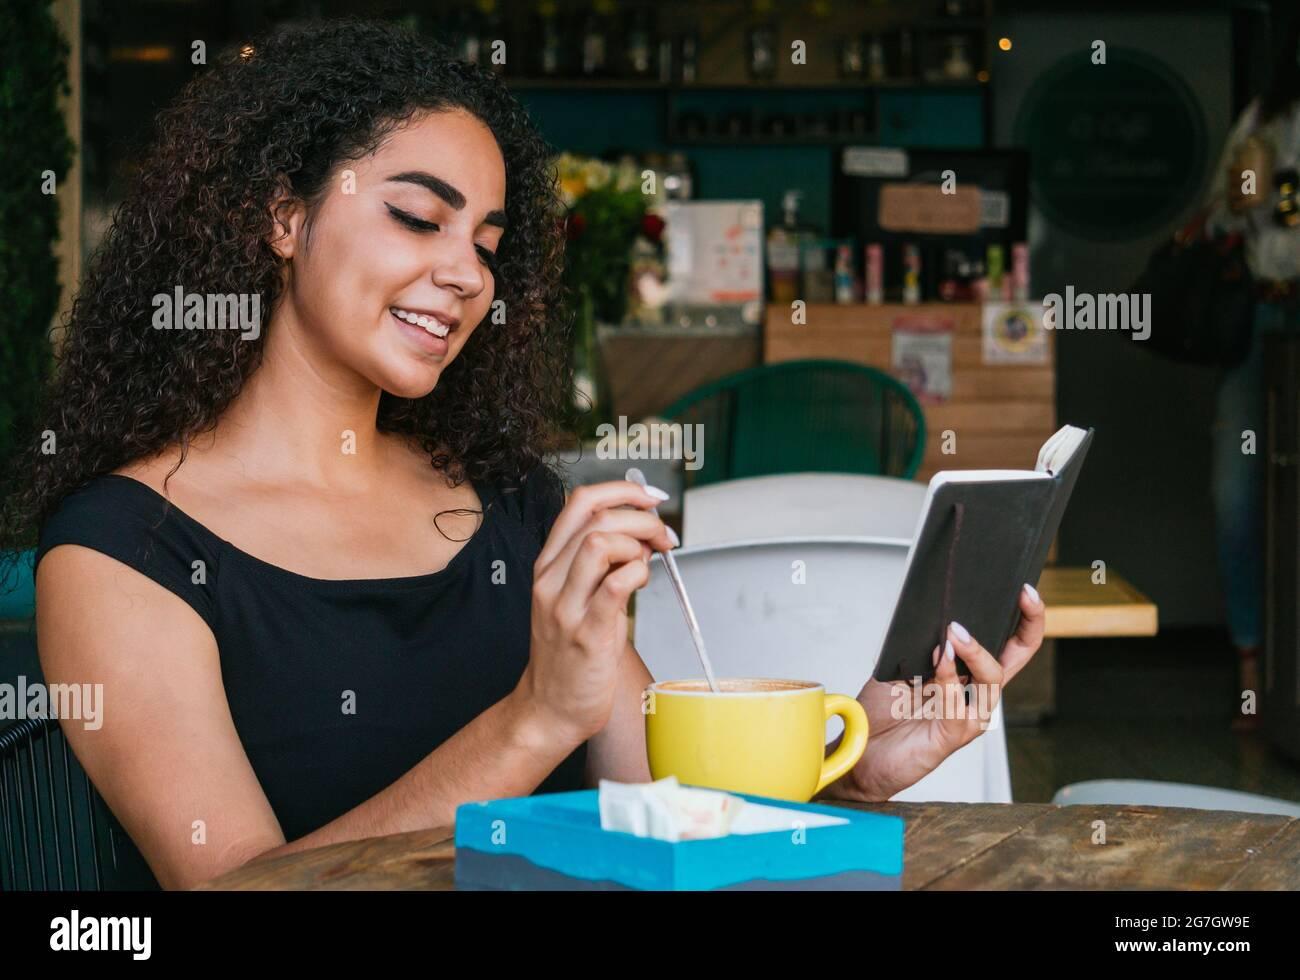 Jeune femme hispanique souriante aux cheveux maurires, en train de se reposer à table avec une tasse de café sur la terrasse du café Banque D'Images